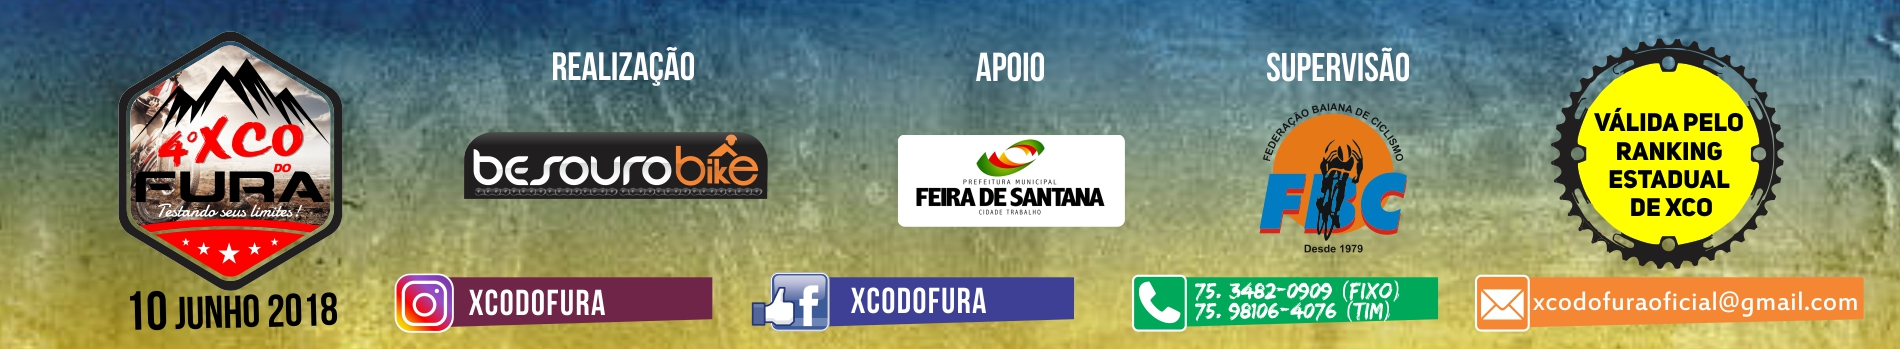 4° XCO DO FURA - Imagem de topo